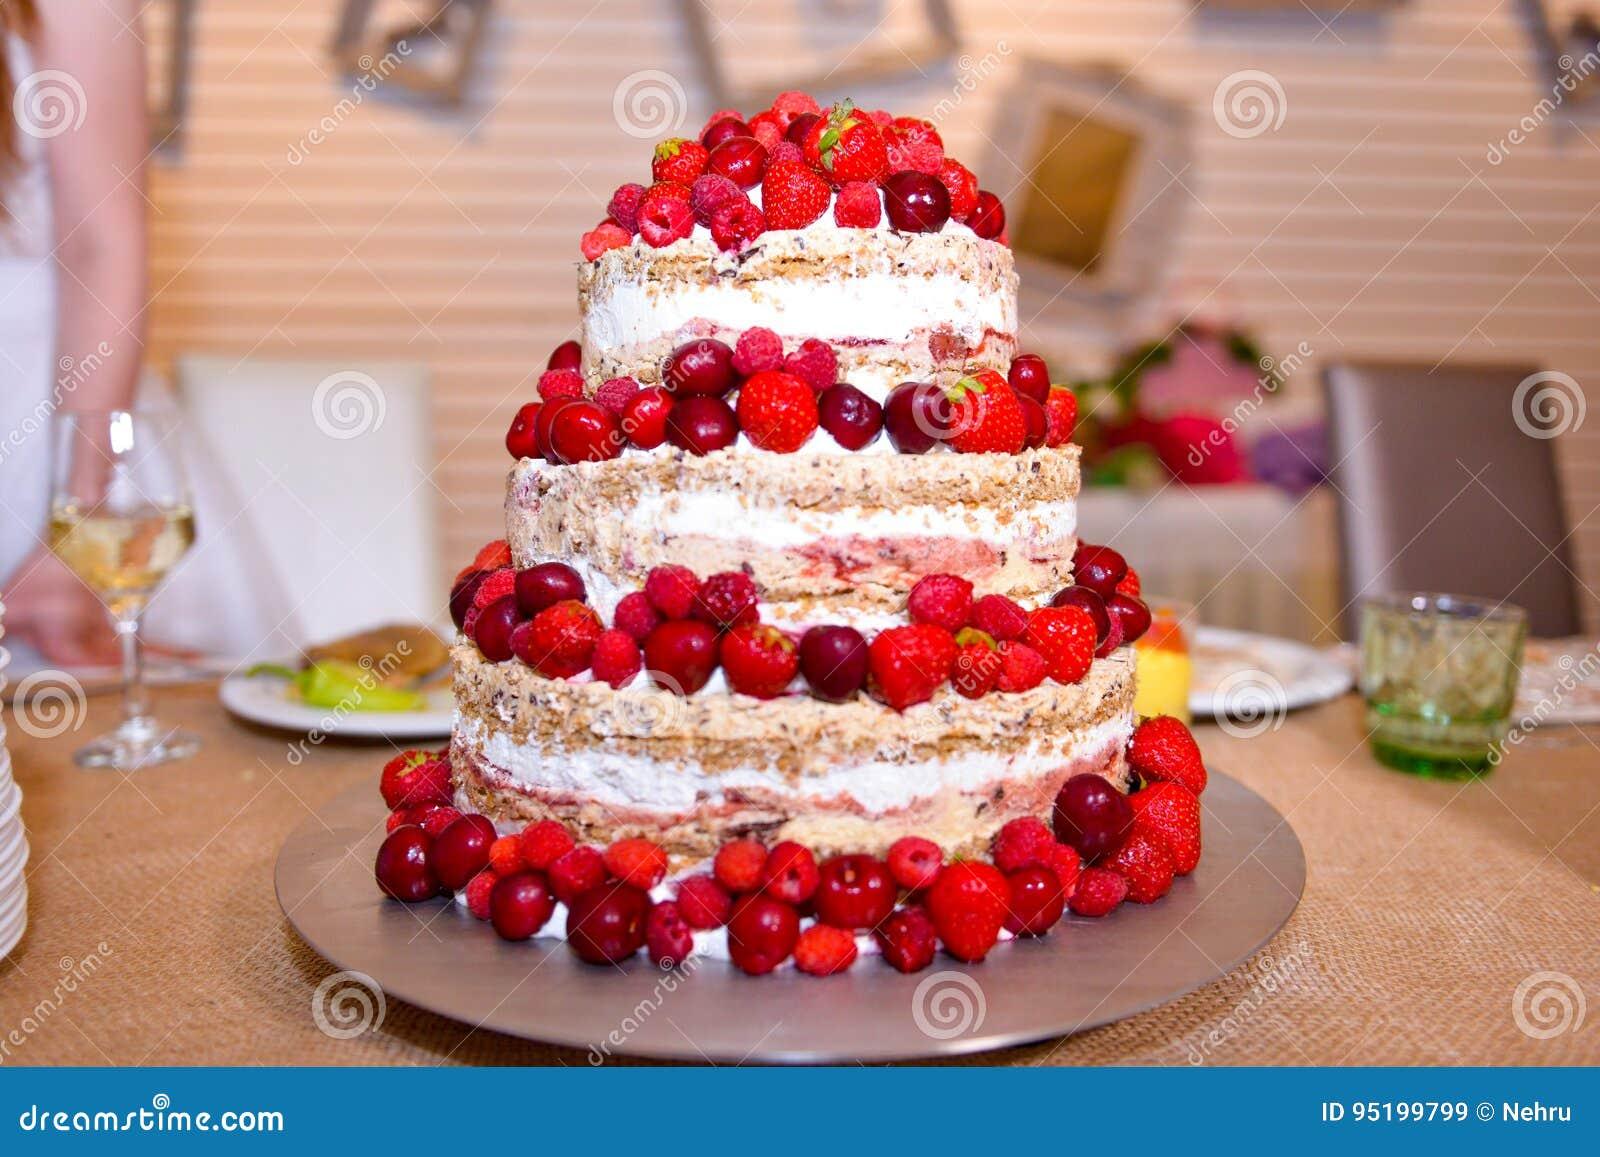 Weisse Hochzeitstorte Mit Erdbeeren Und Himbeeren Stockbild Bild